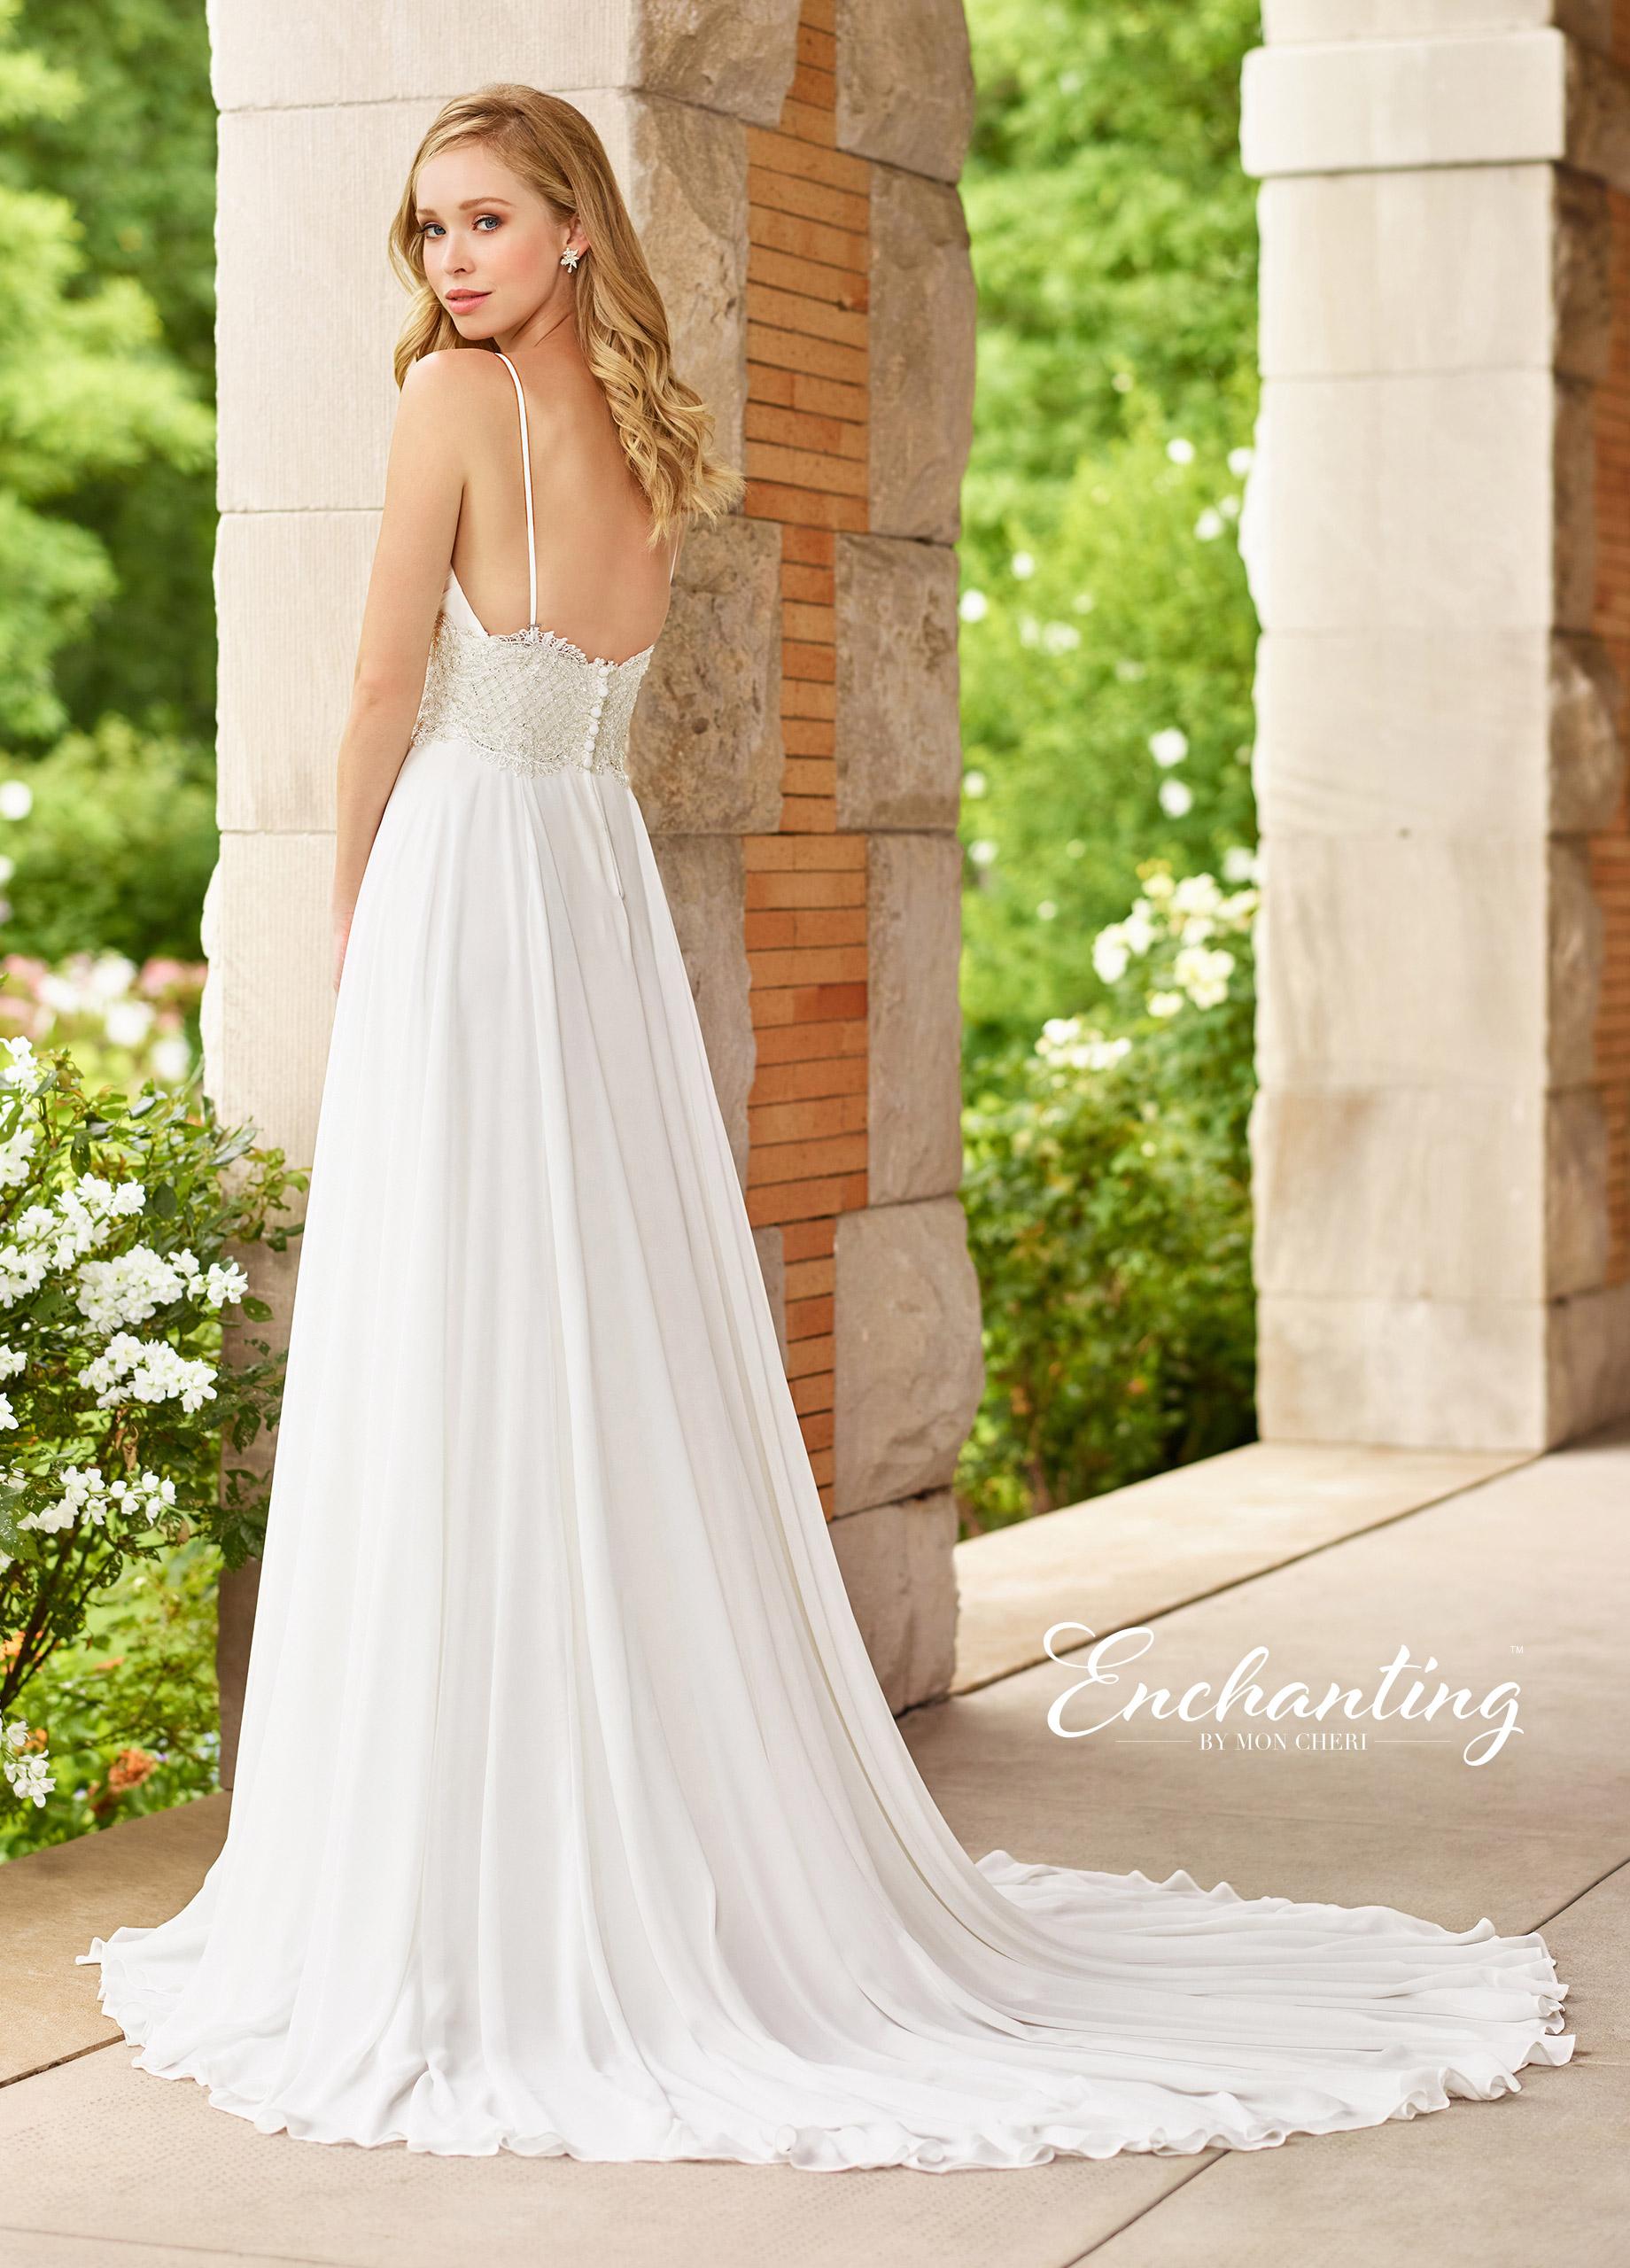 flowy-weding-dress-Enchanting-118146_B